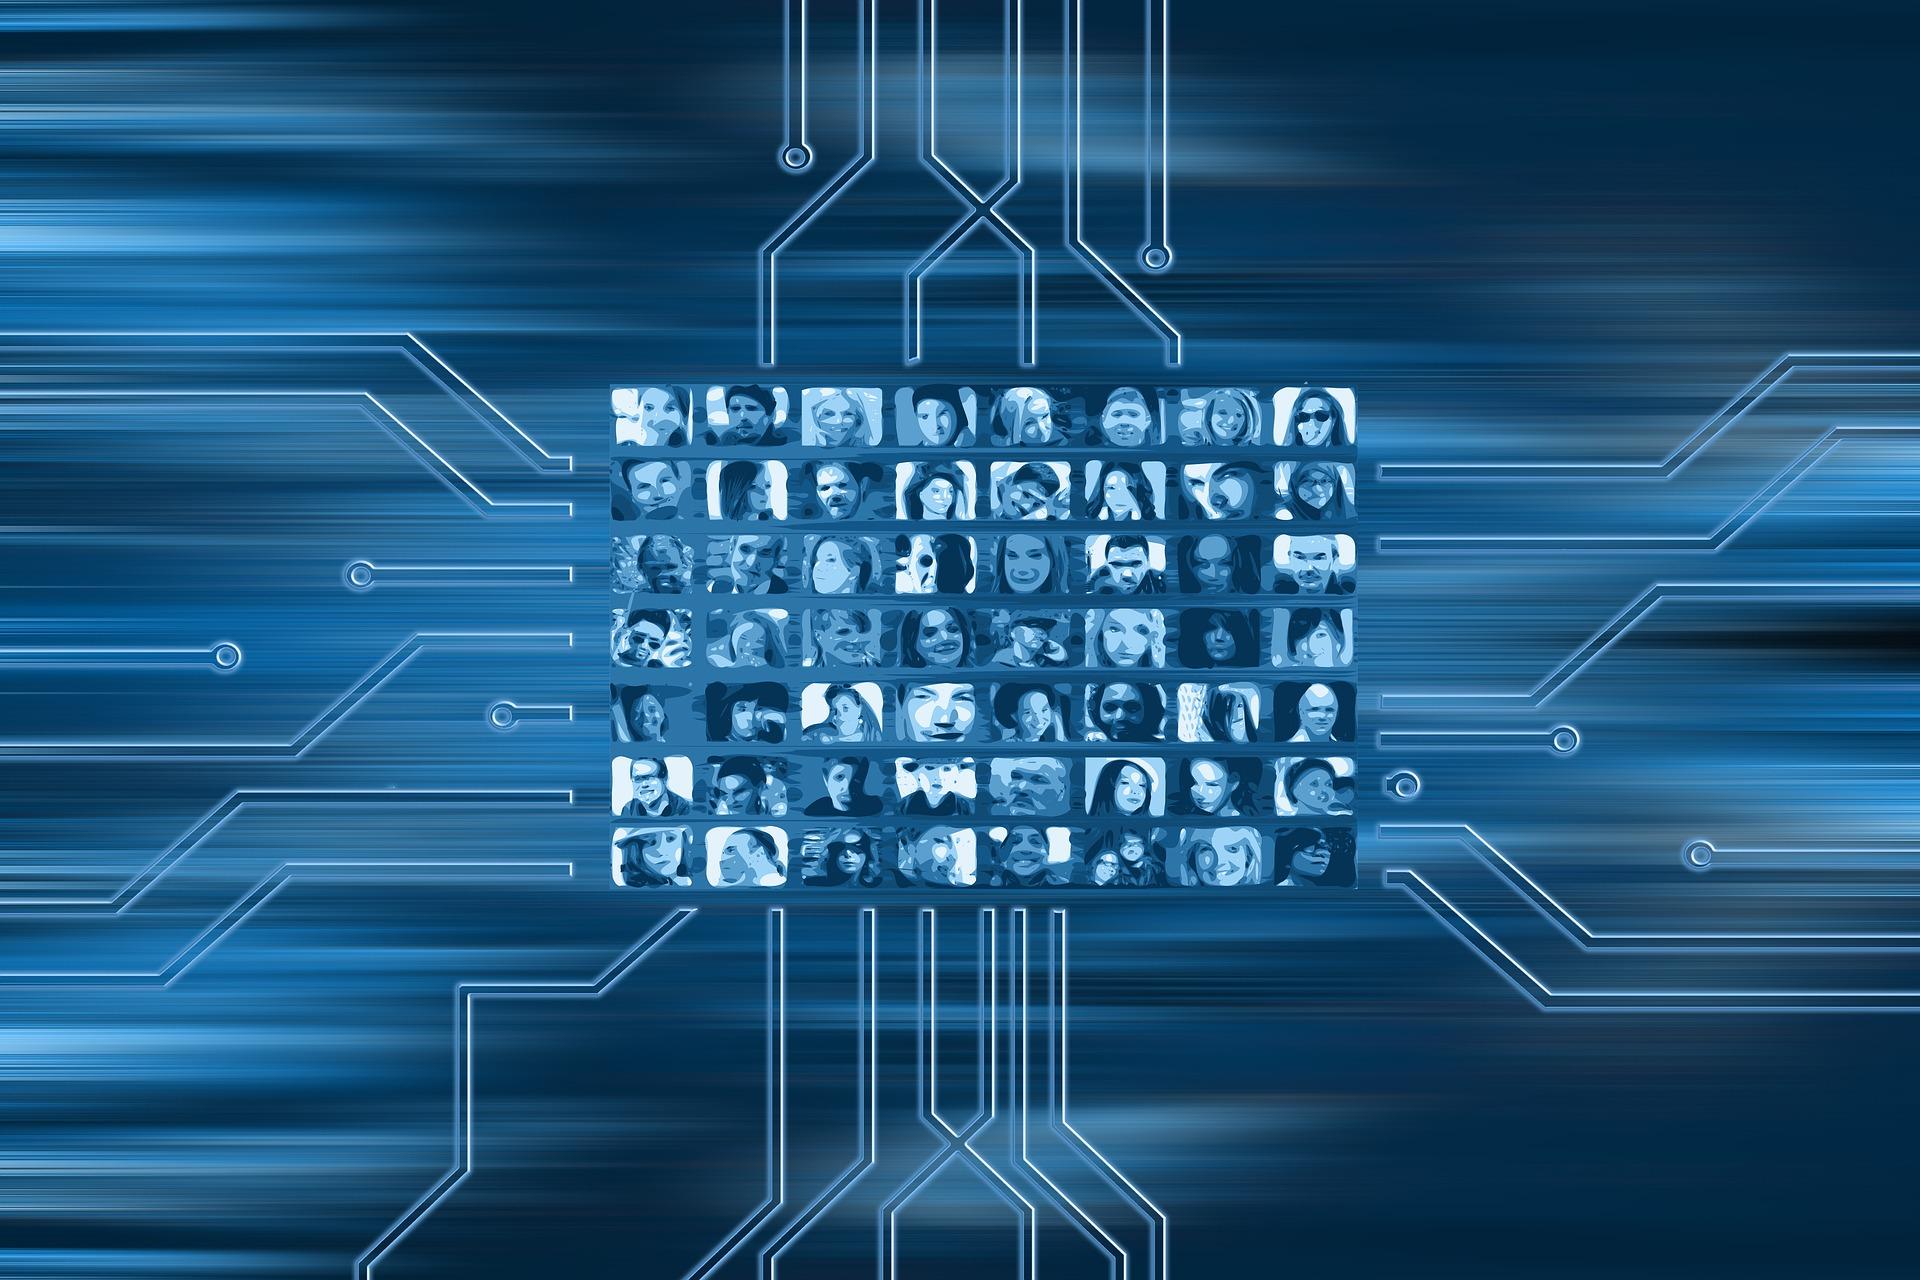 Artículos de ciberseguridad